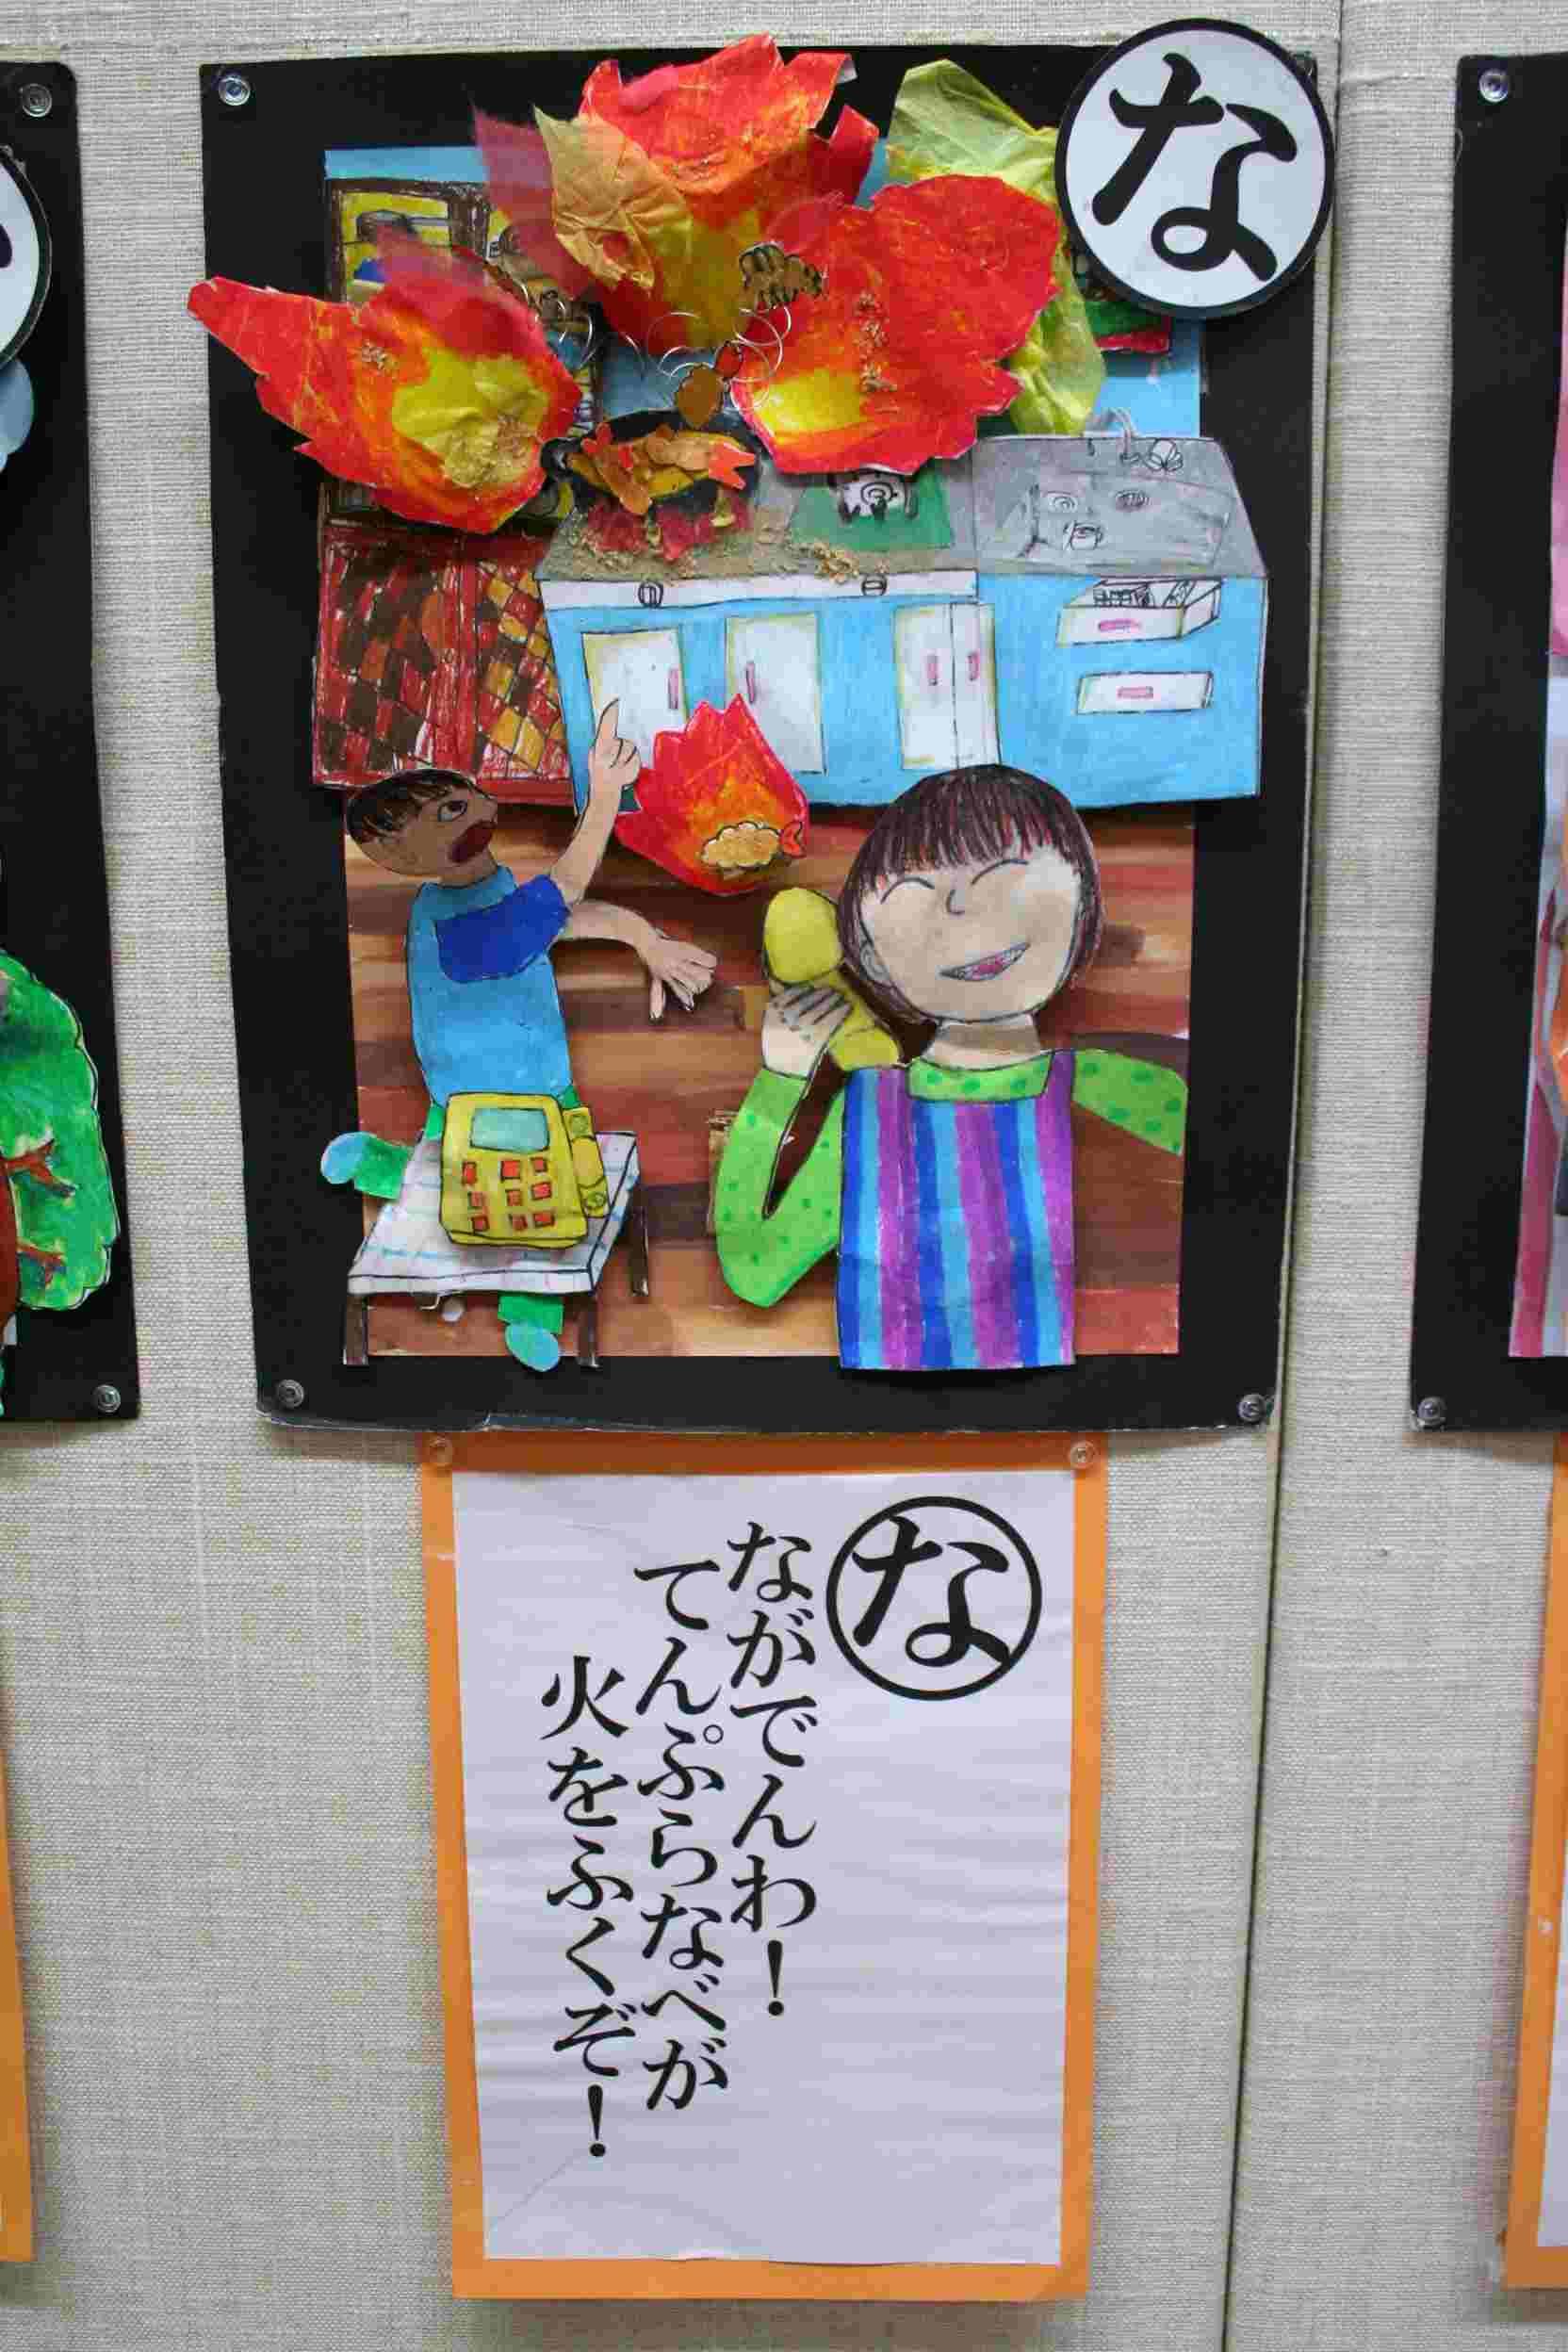 アトリエ太陽の子 の展覧会 神戸_e0167771_18243870.jpg